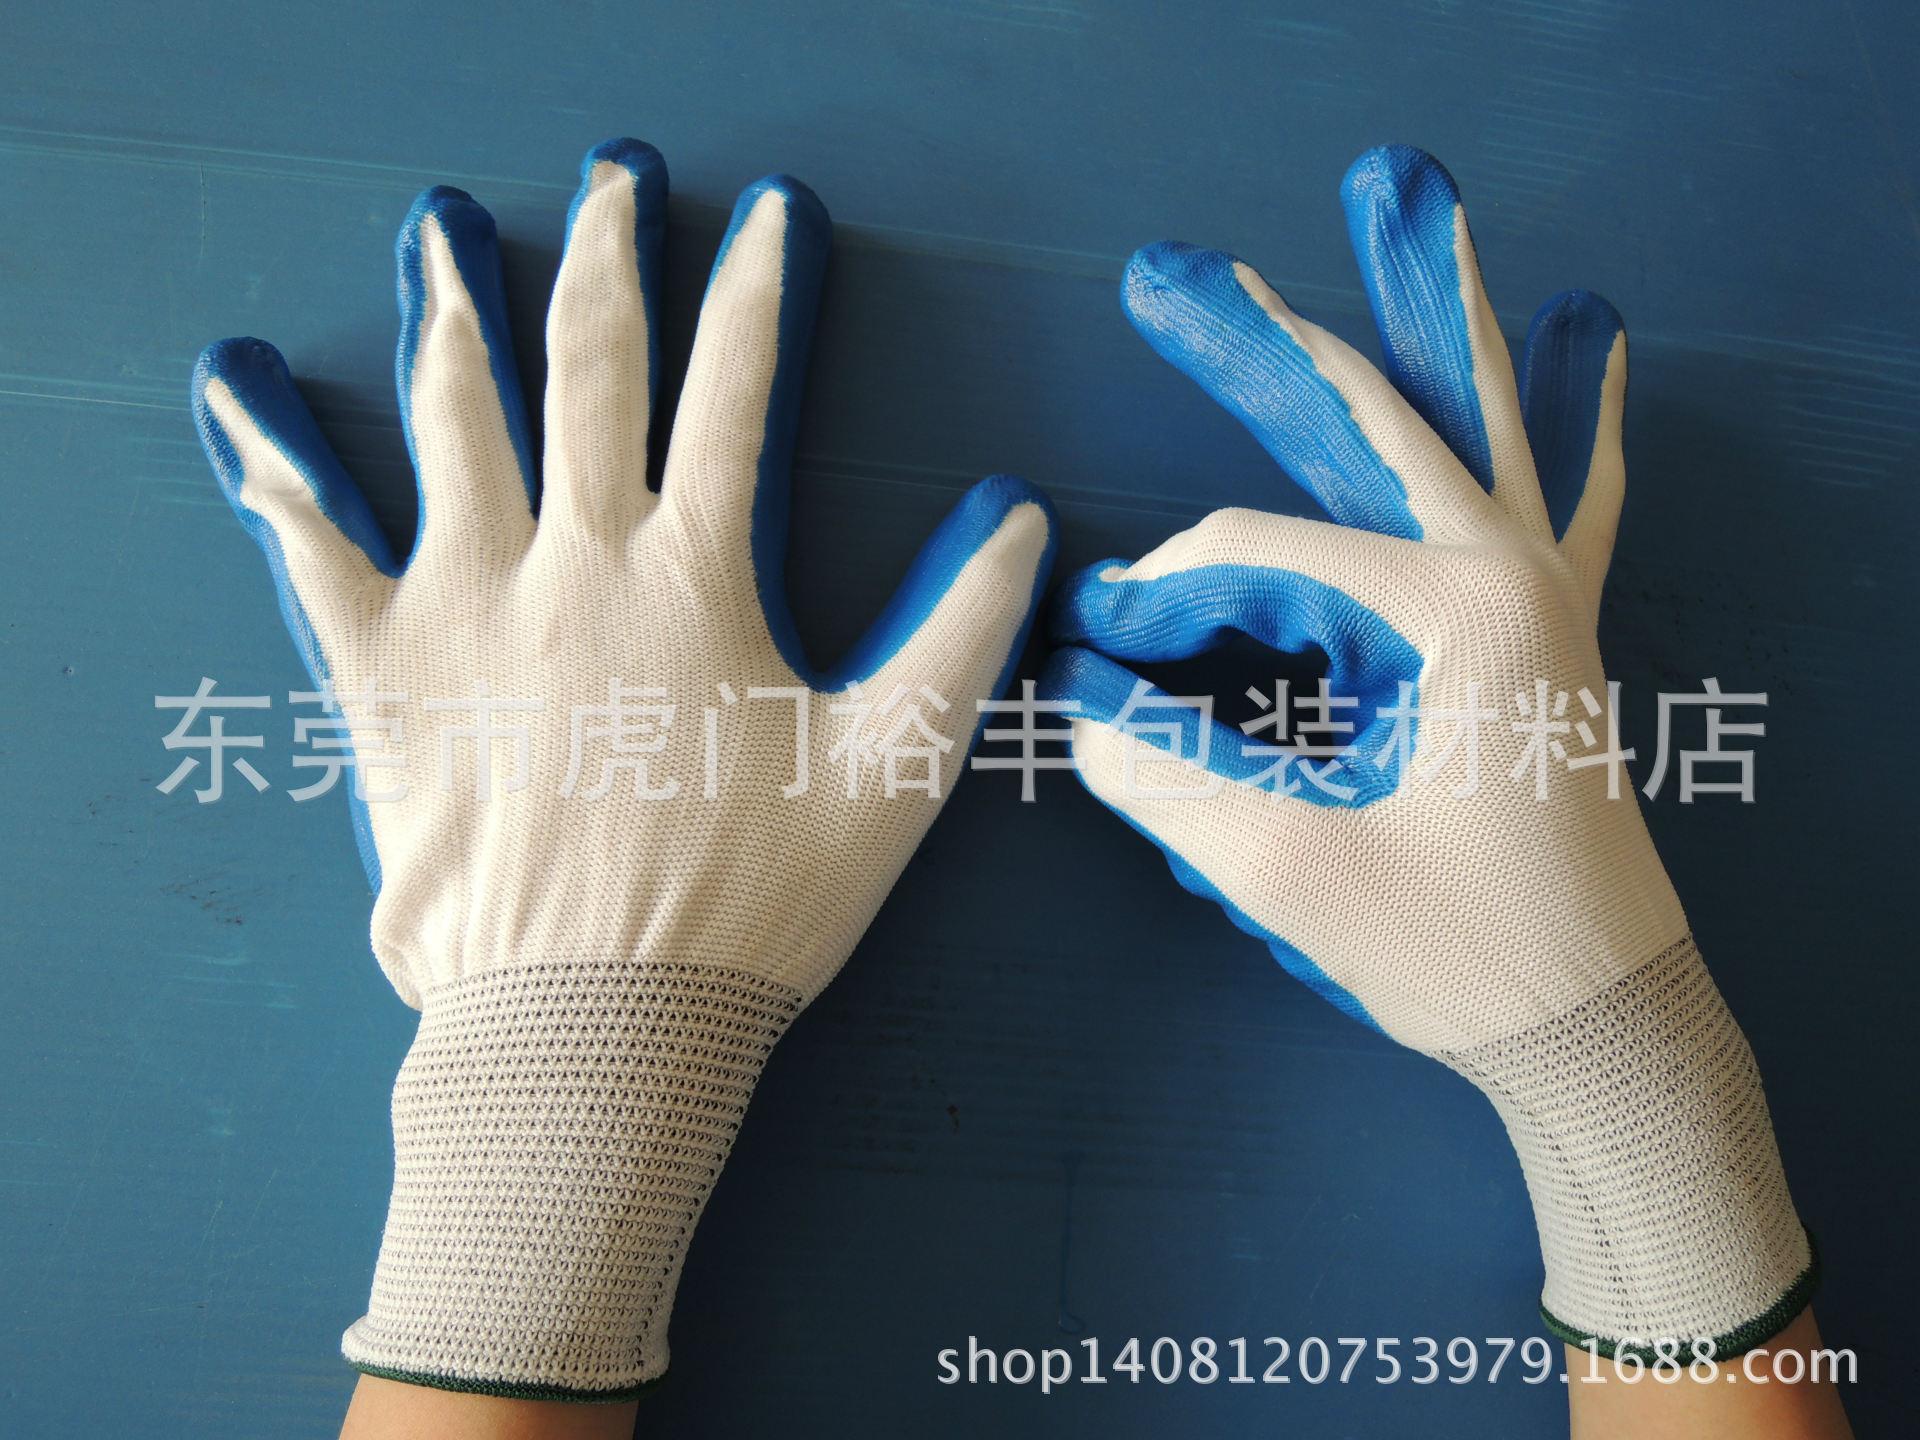 十三针尼龙丁晴劳保手套批发 浸胶涂掌挂胶耐磨耐油酸碱劳保用品